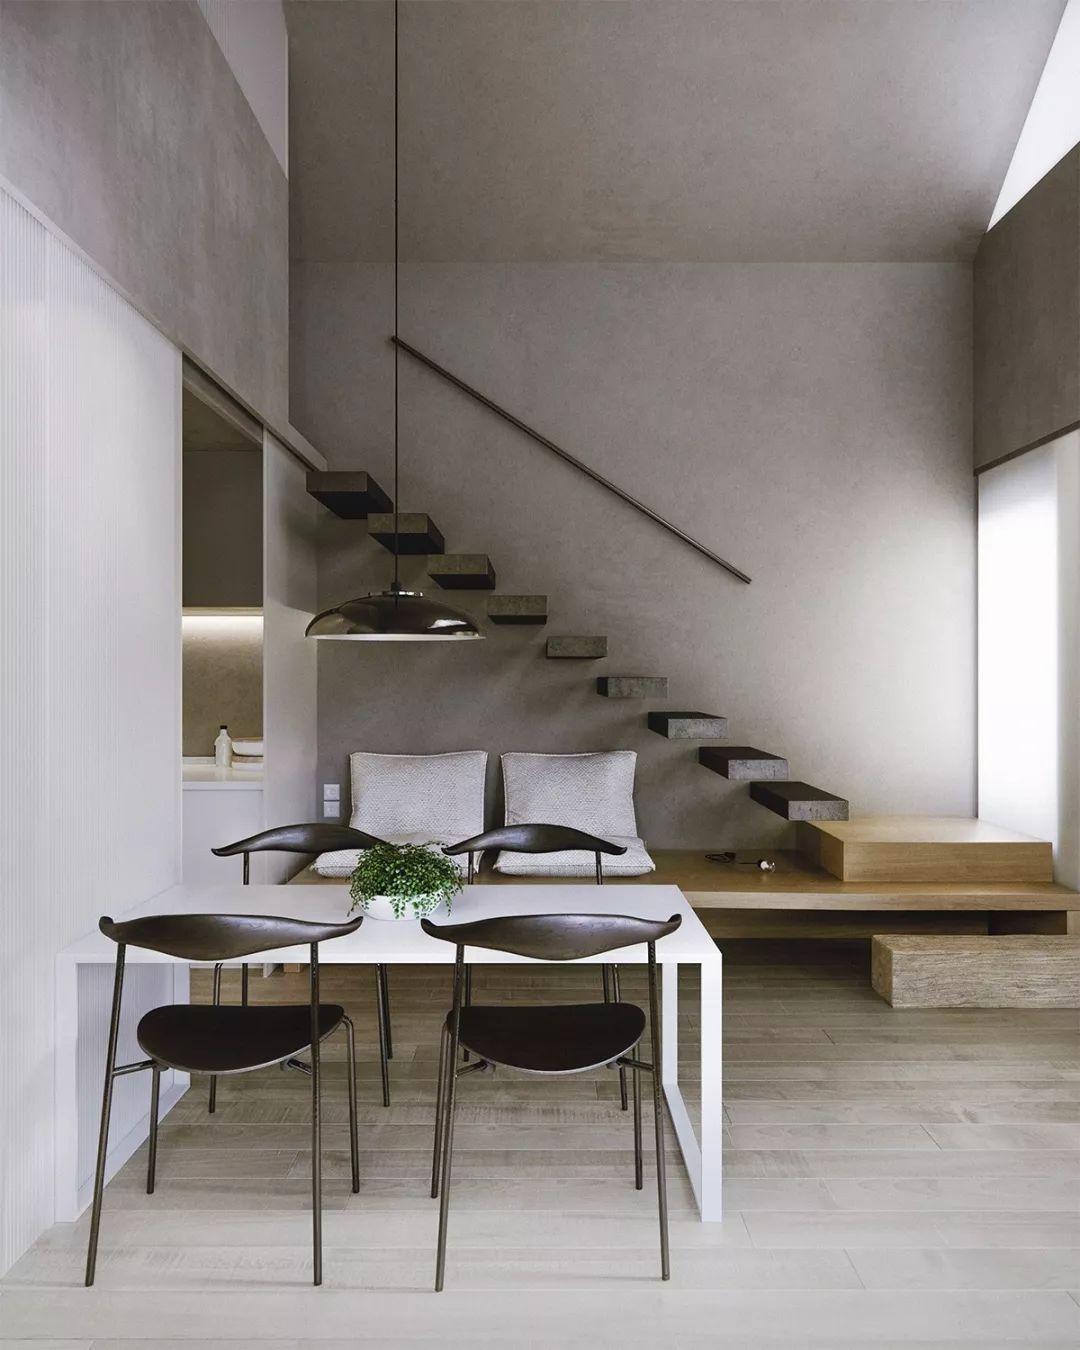 悬空台阶楼梯